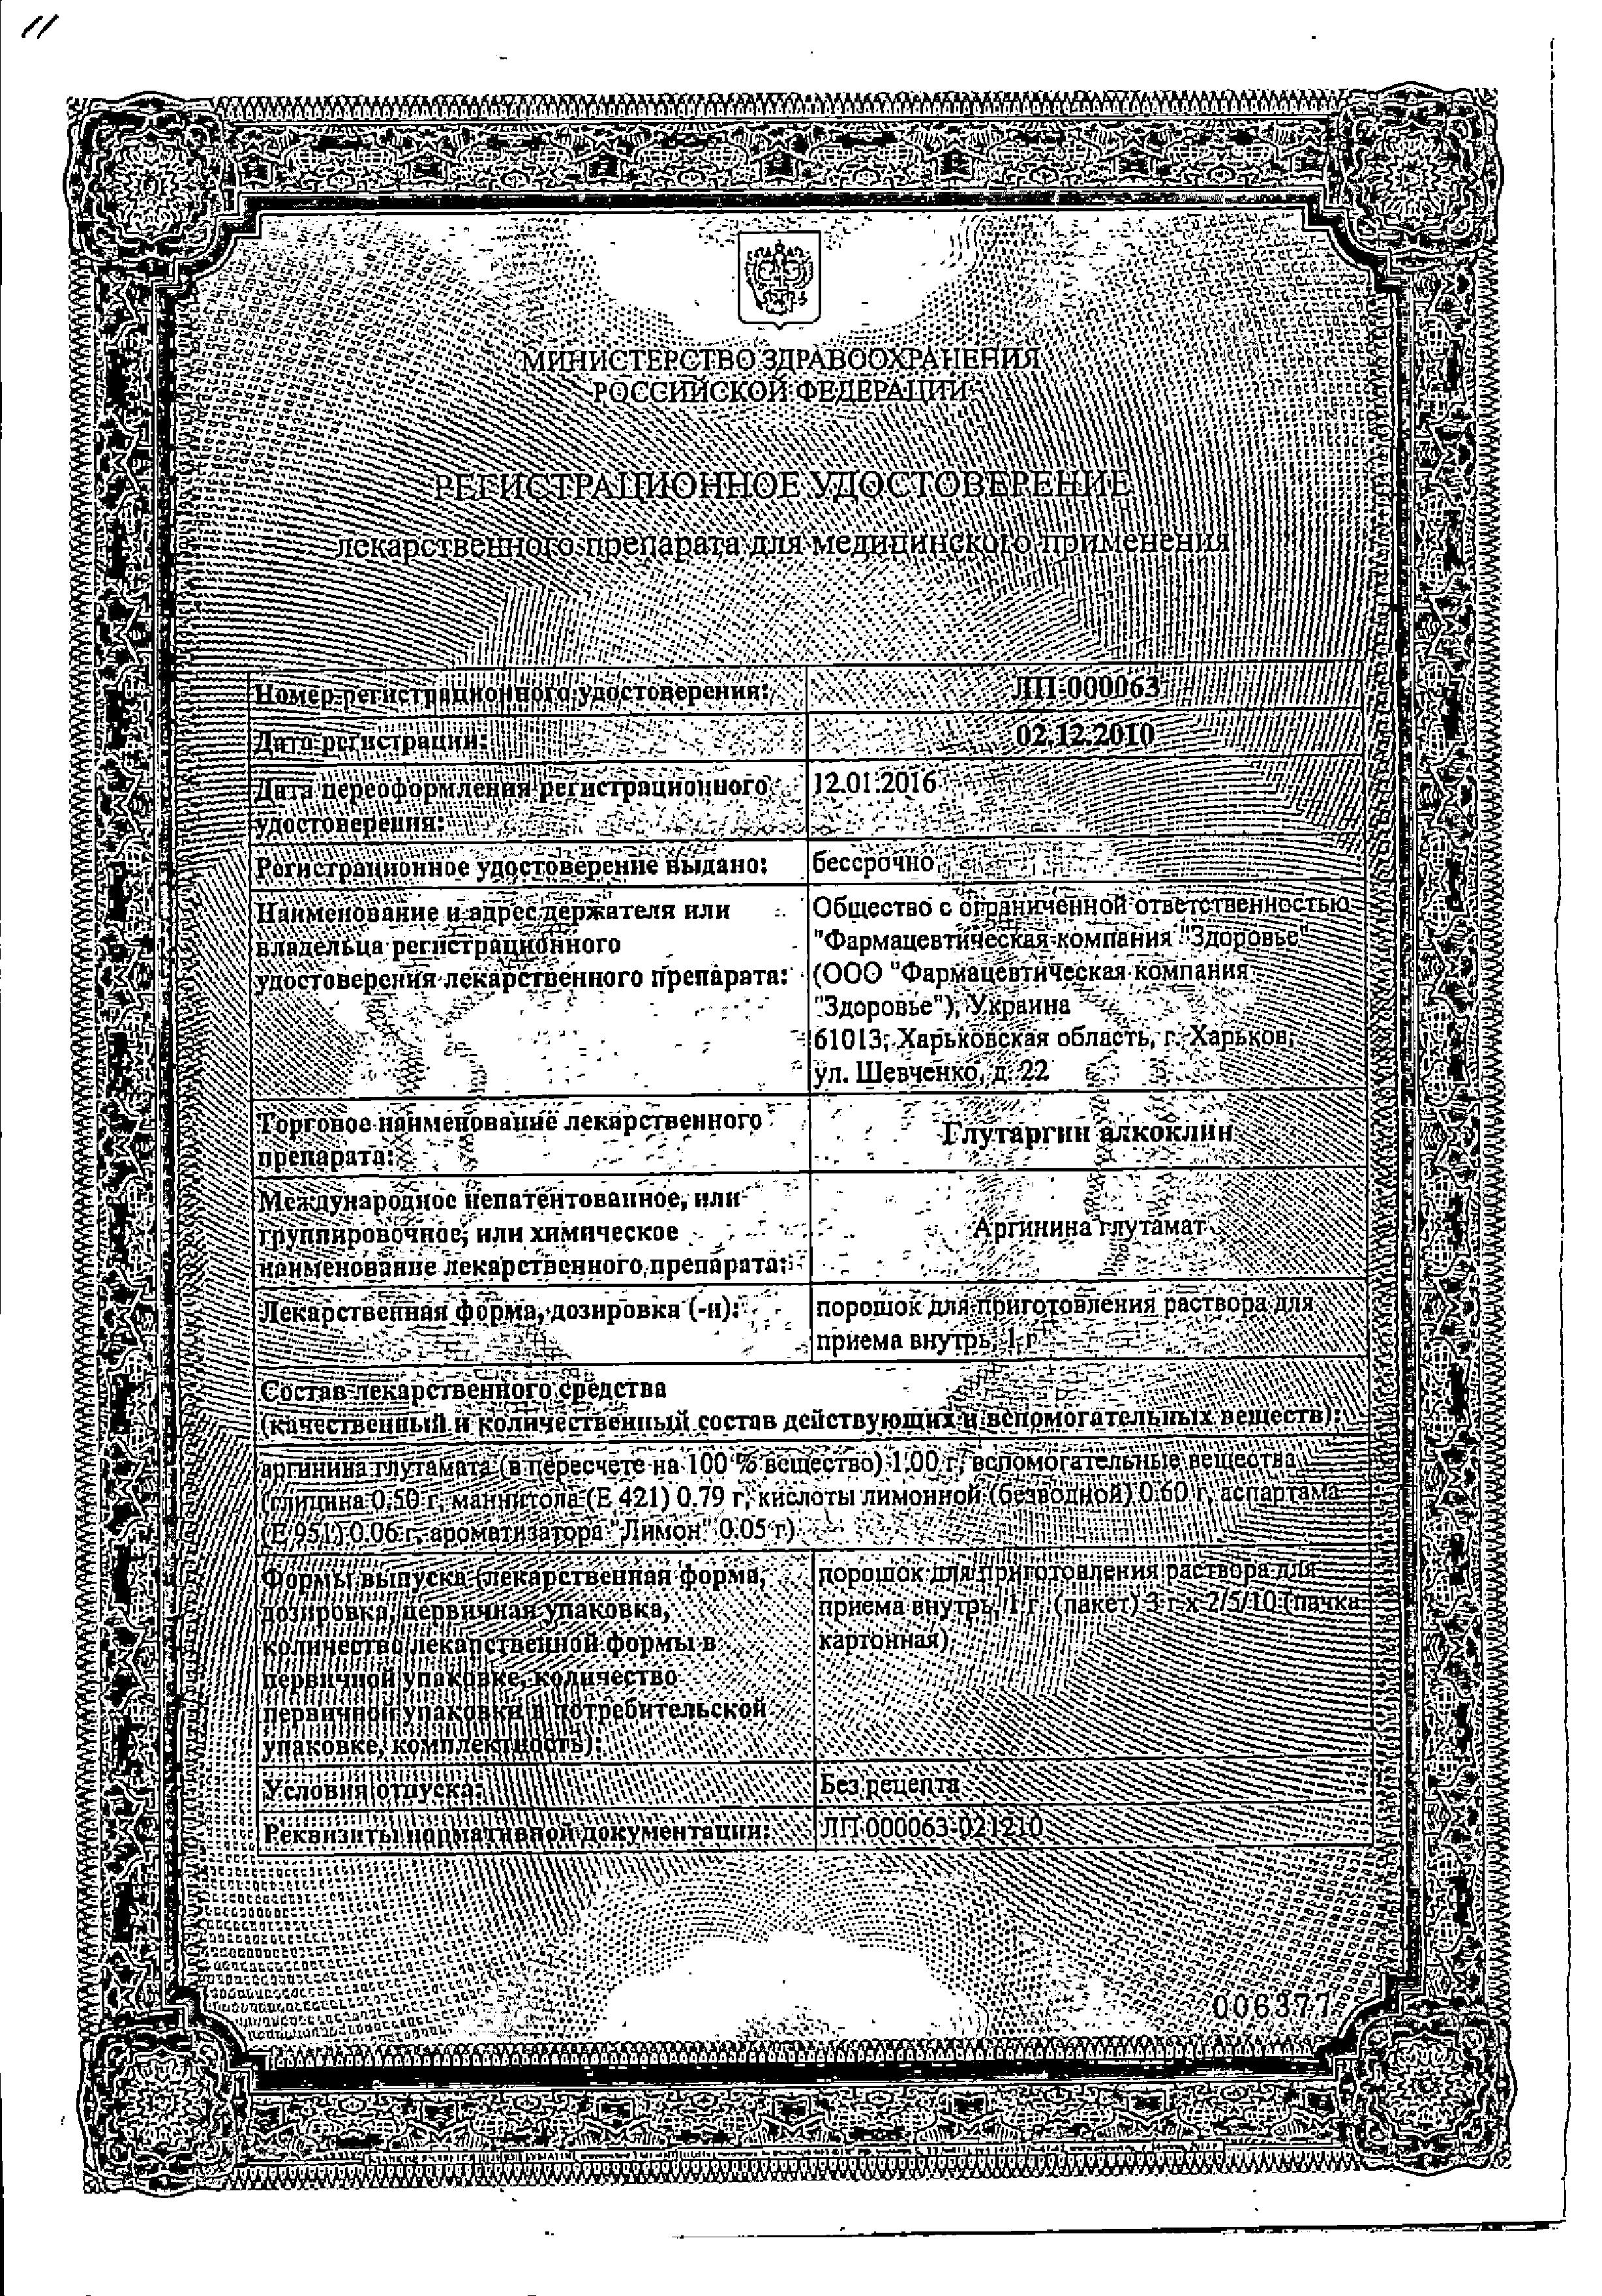 Глутаргин алкоклин сертификат